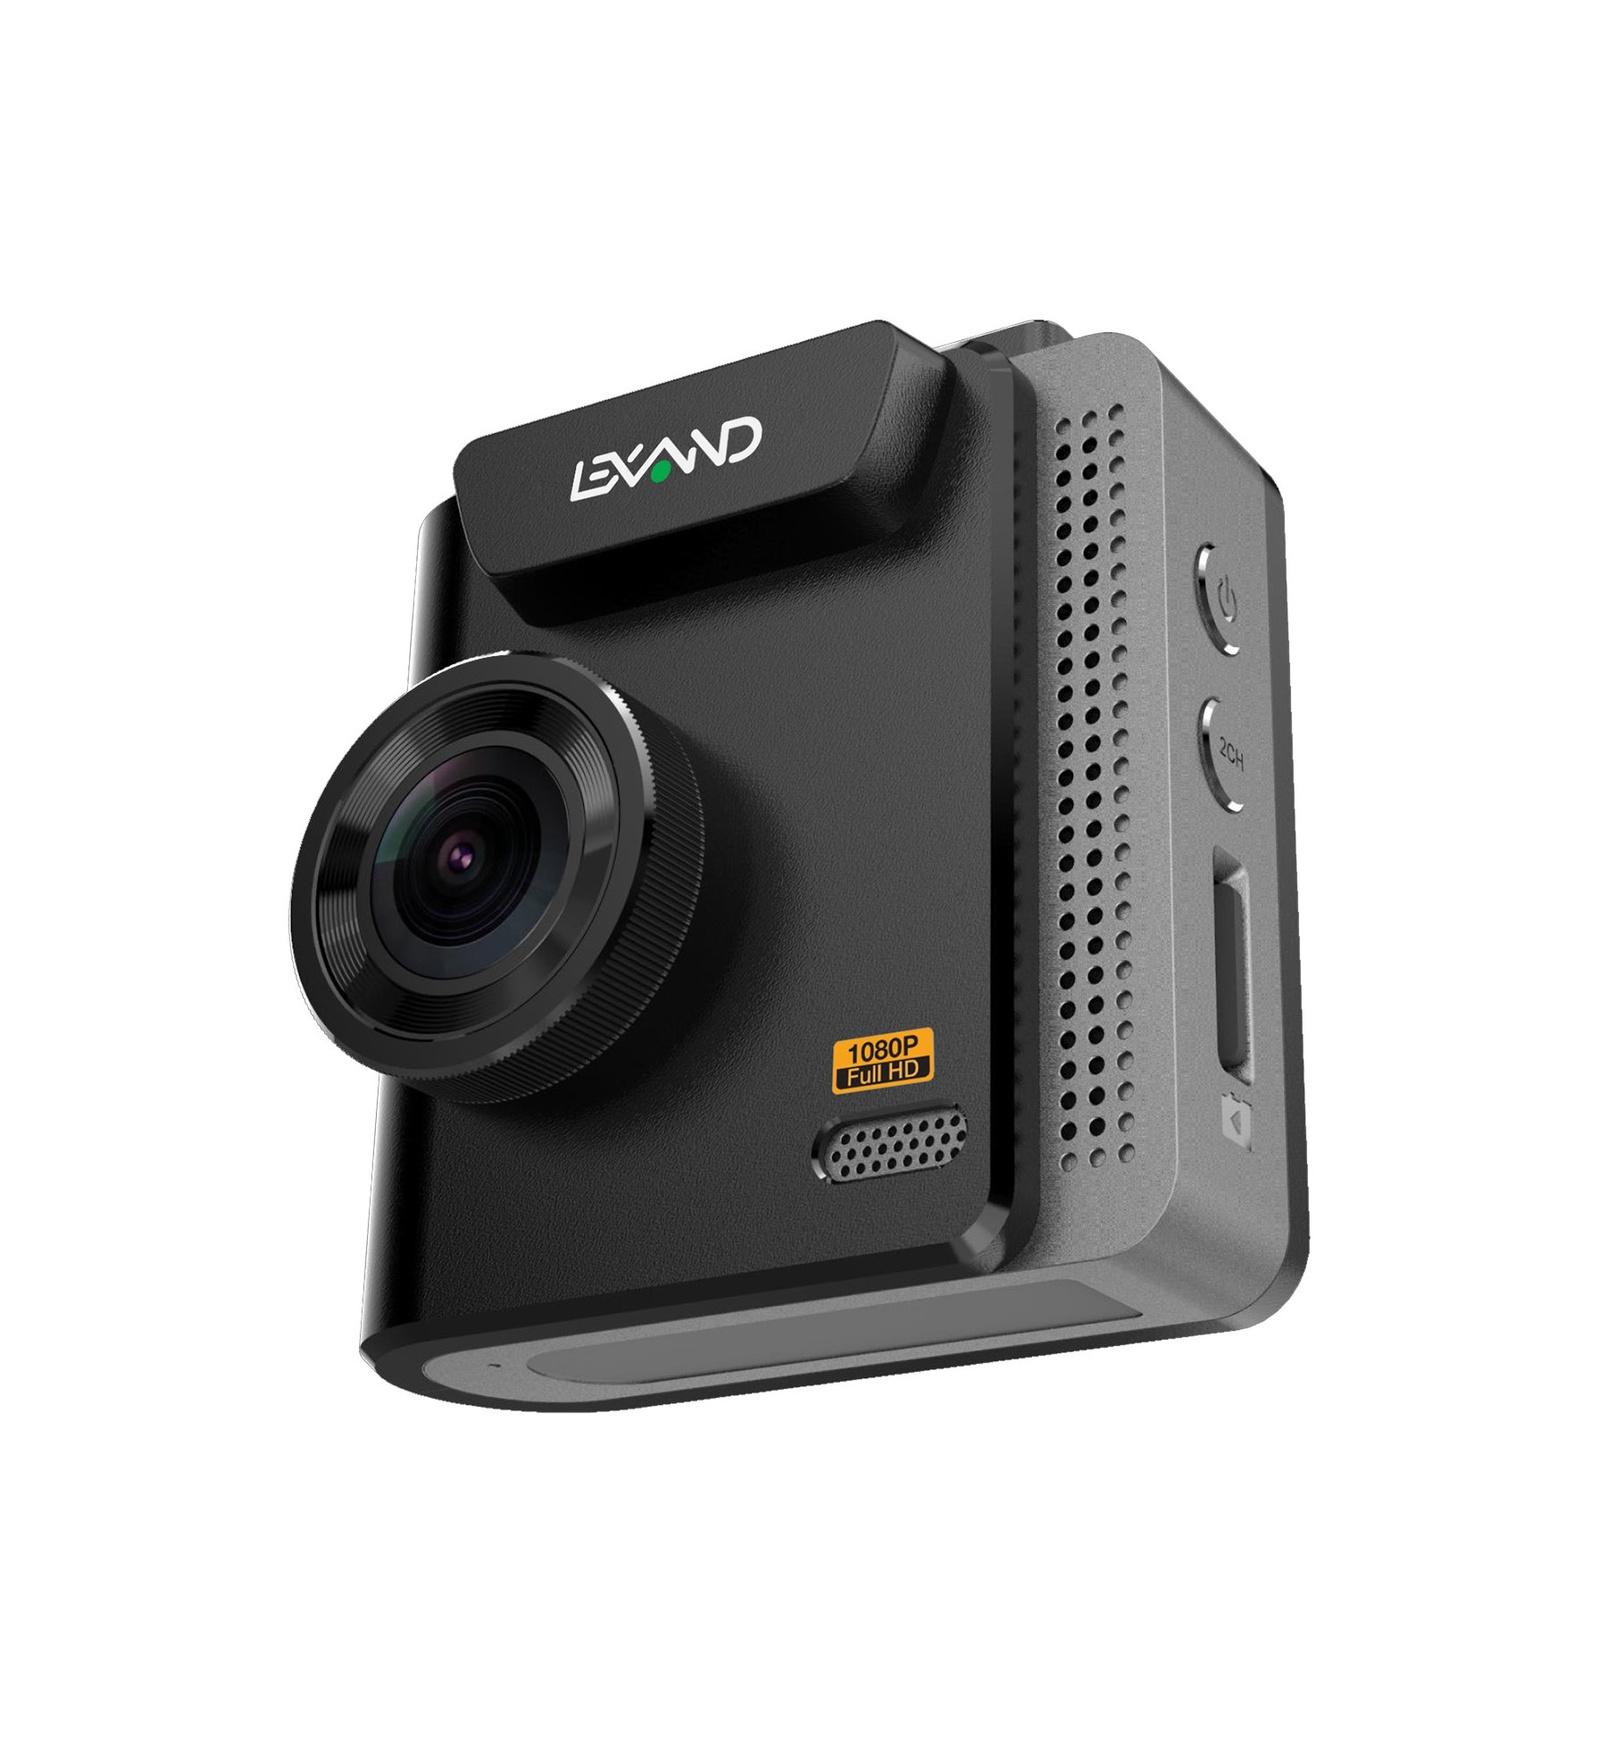 цена на Видеорегистратор Lexand LR65, черный